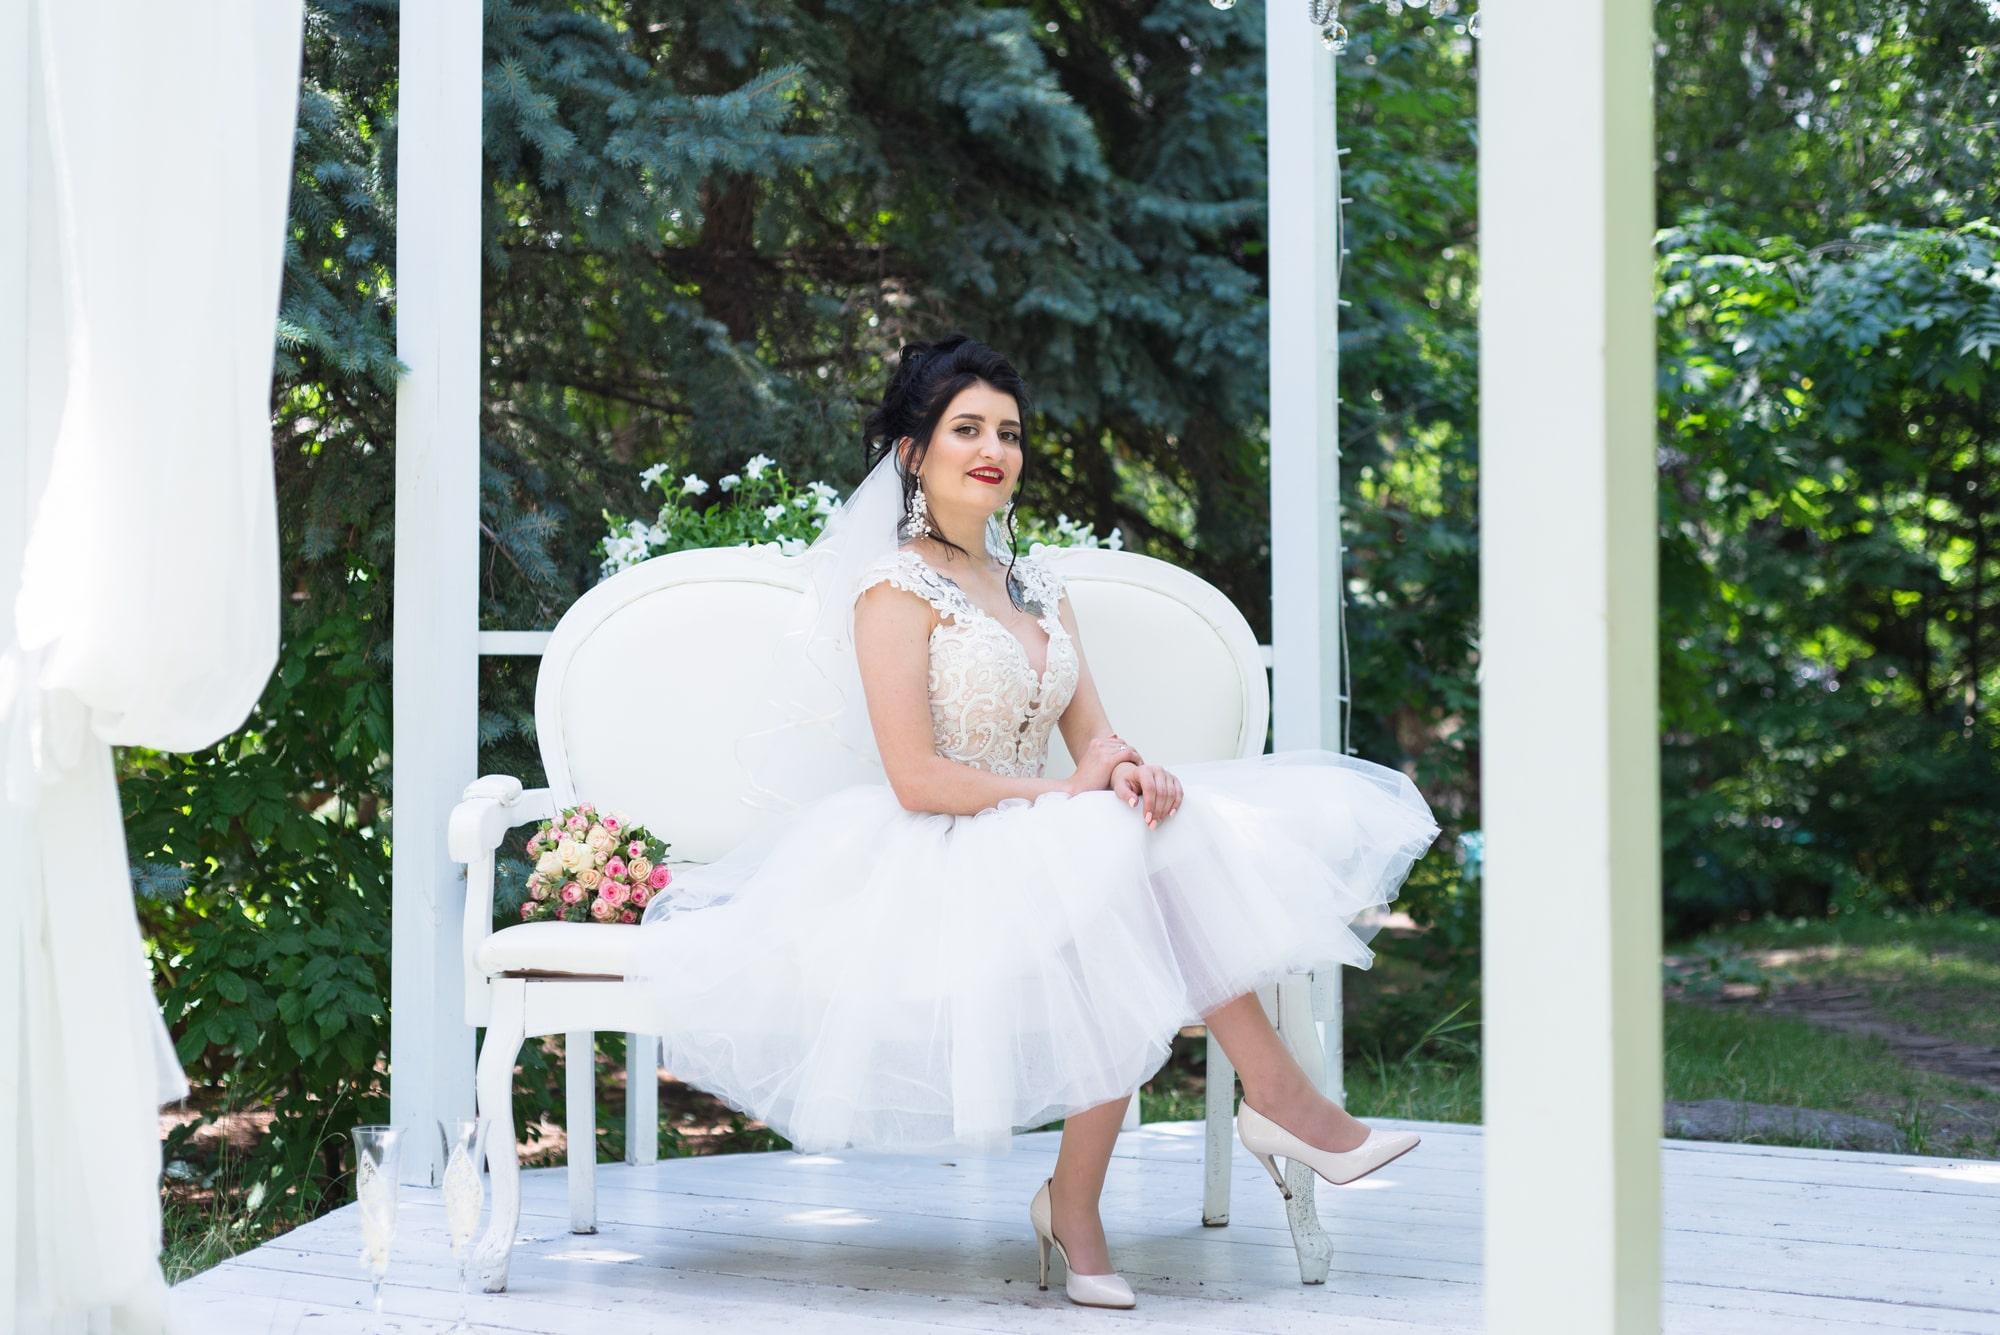 Свадебная фотосессия в студии Play - невеста сидит на диване